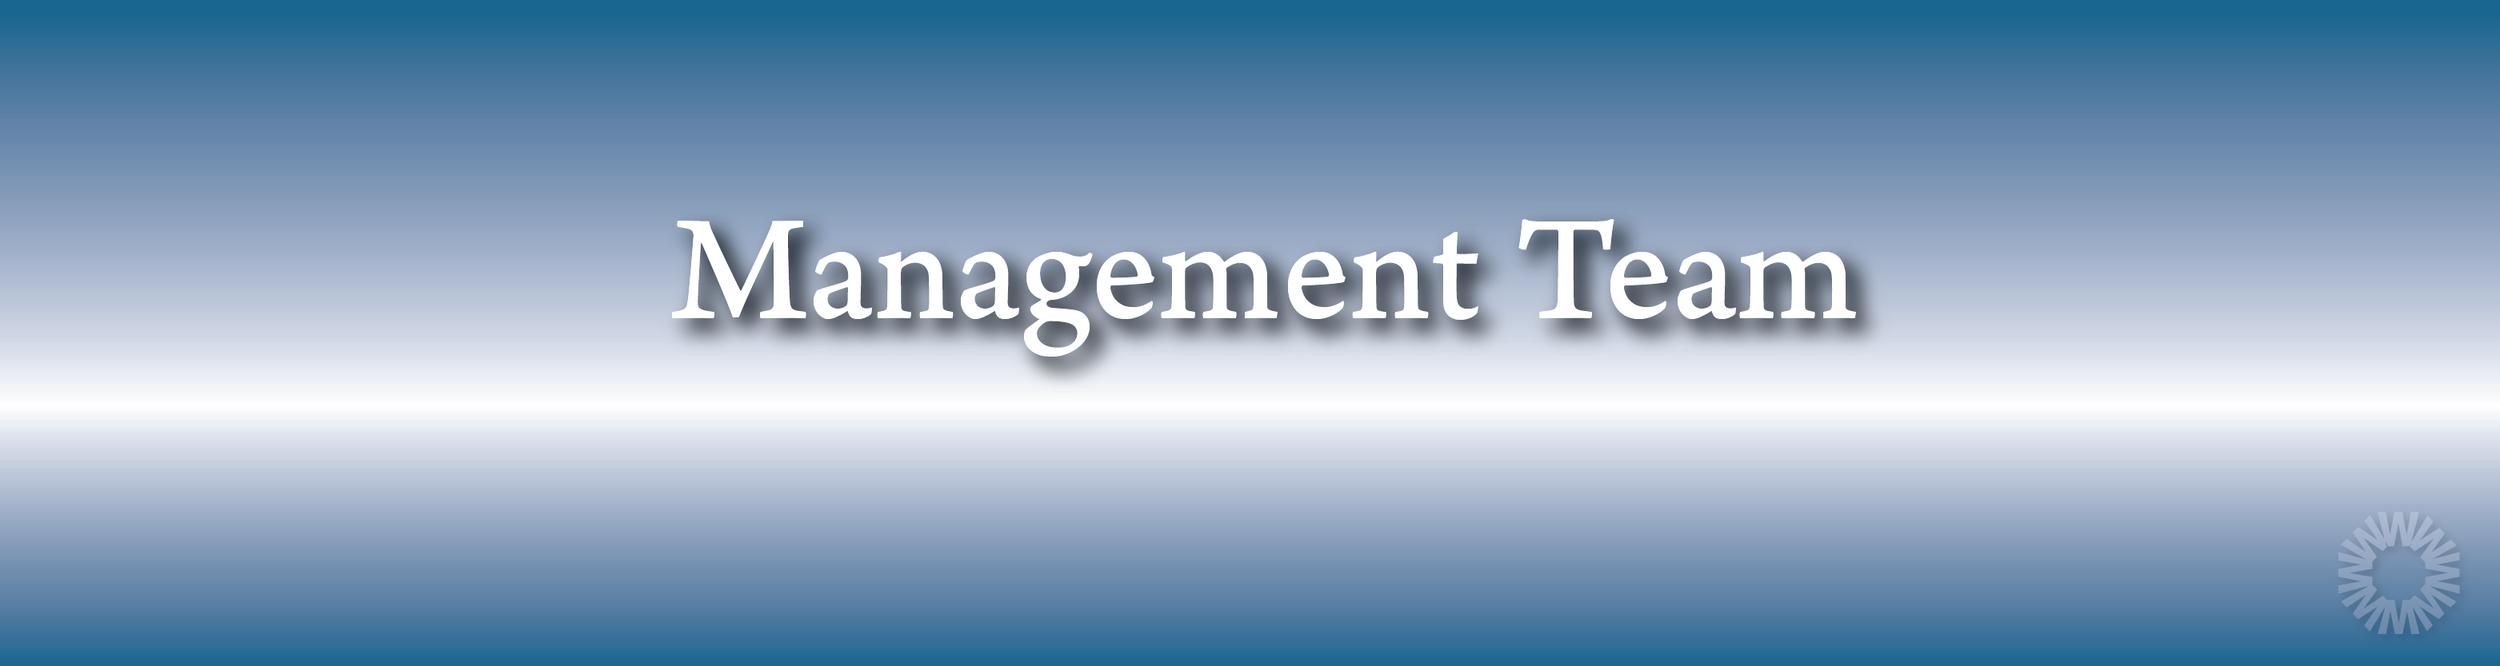 managementteam-header-150-2.png